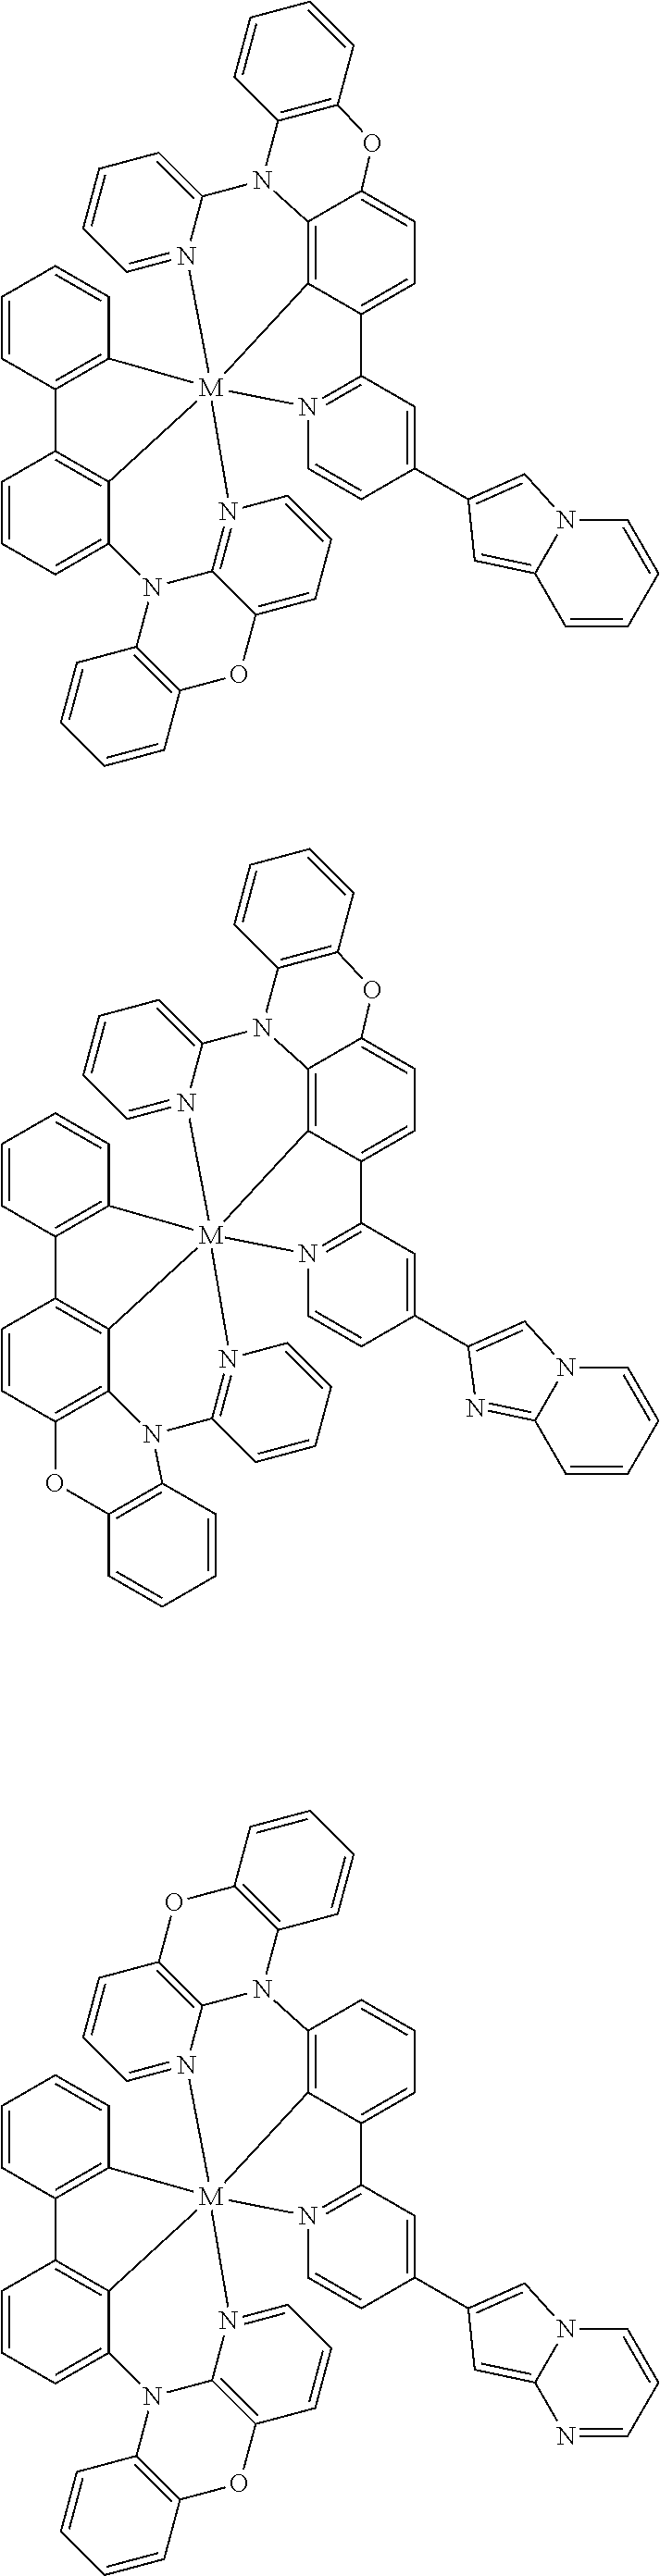 Figure US09818959-20171114-C00426